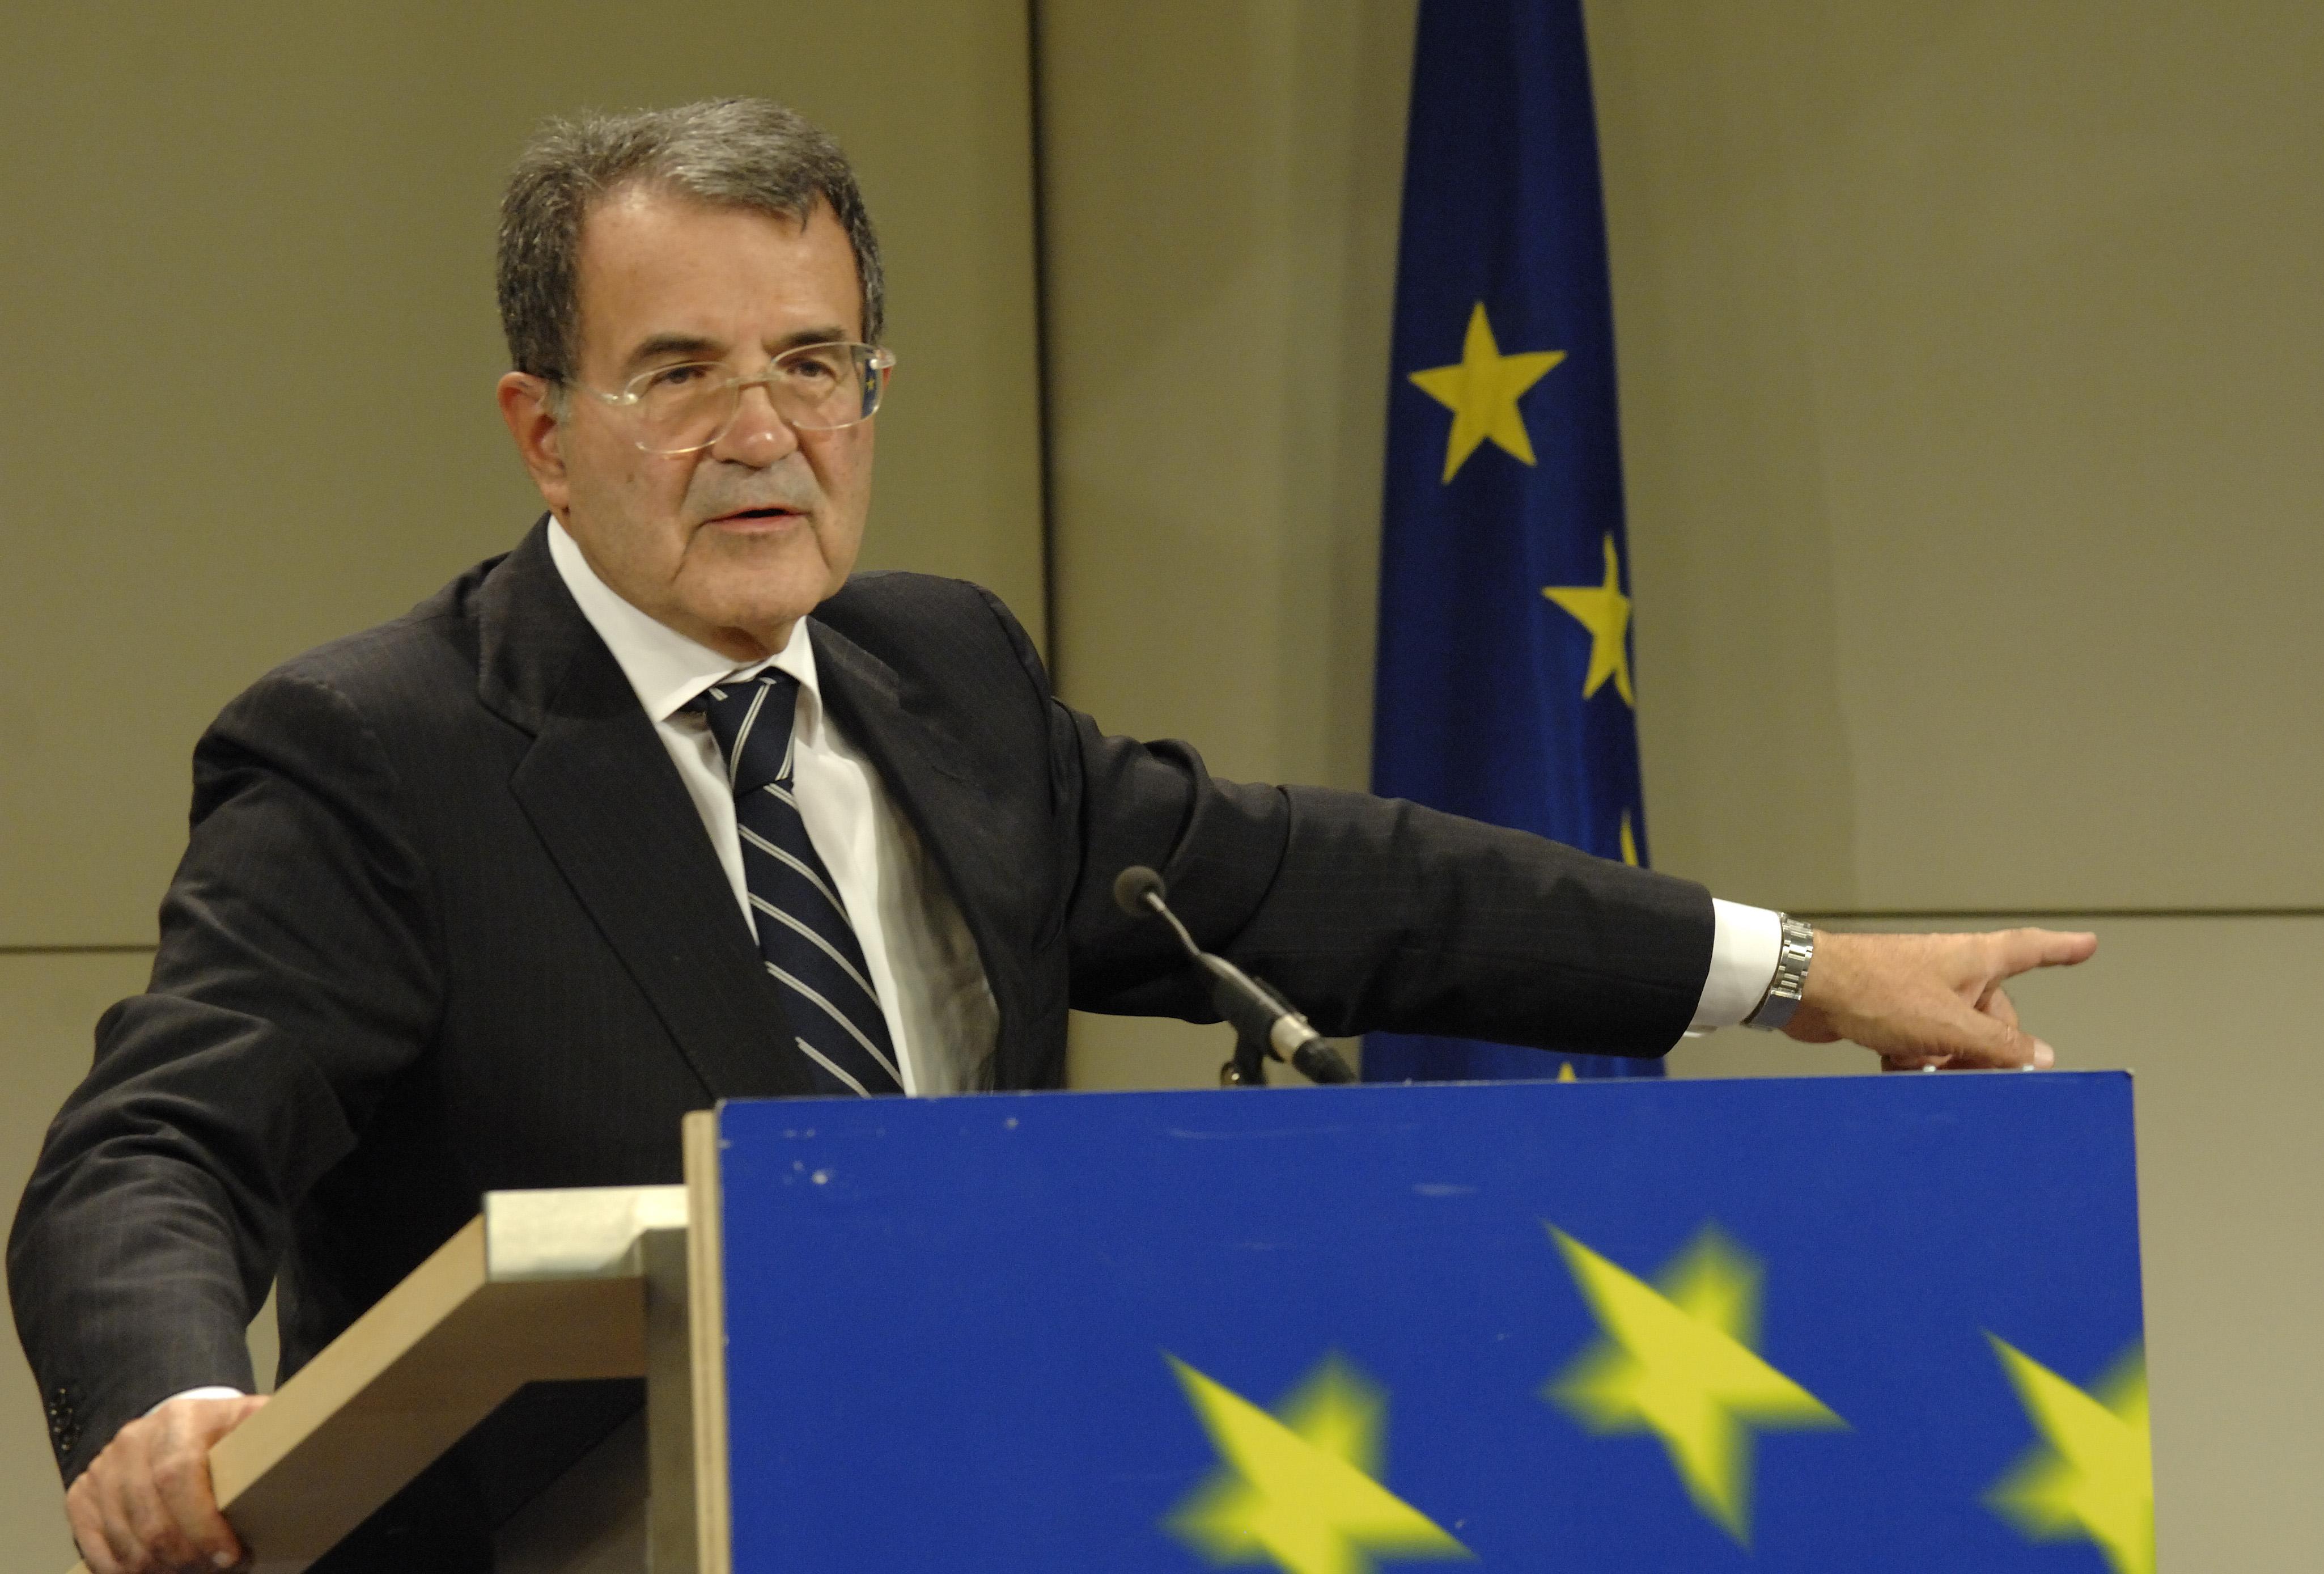 Risultati immagini per PRODI UE